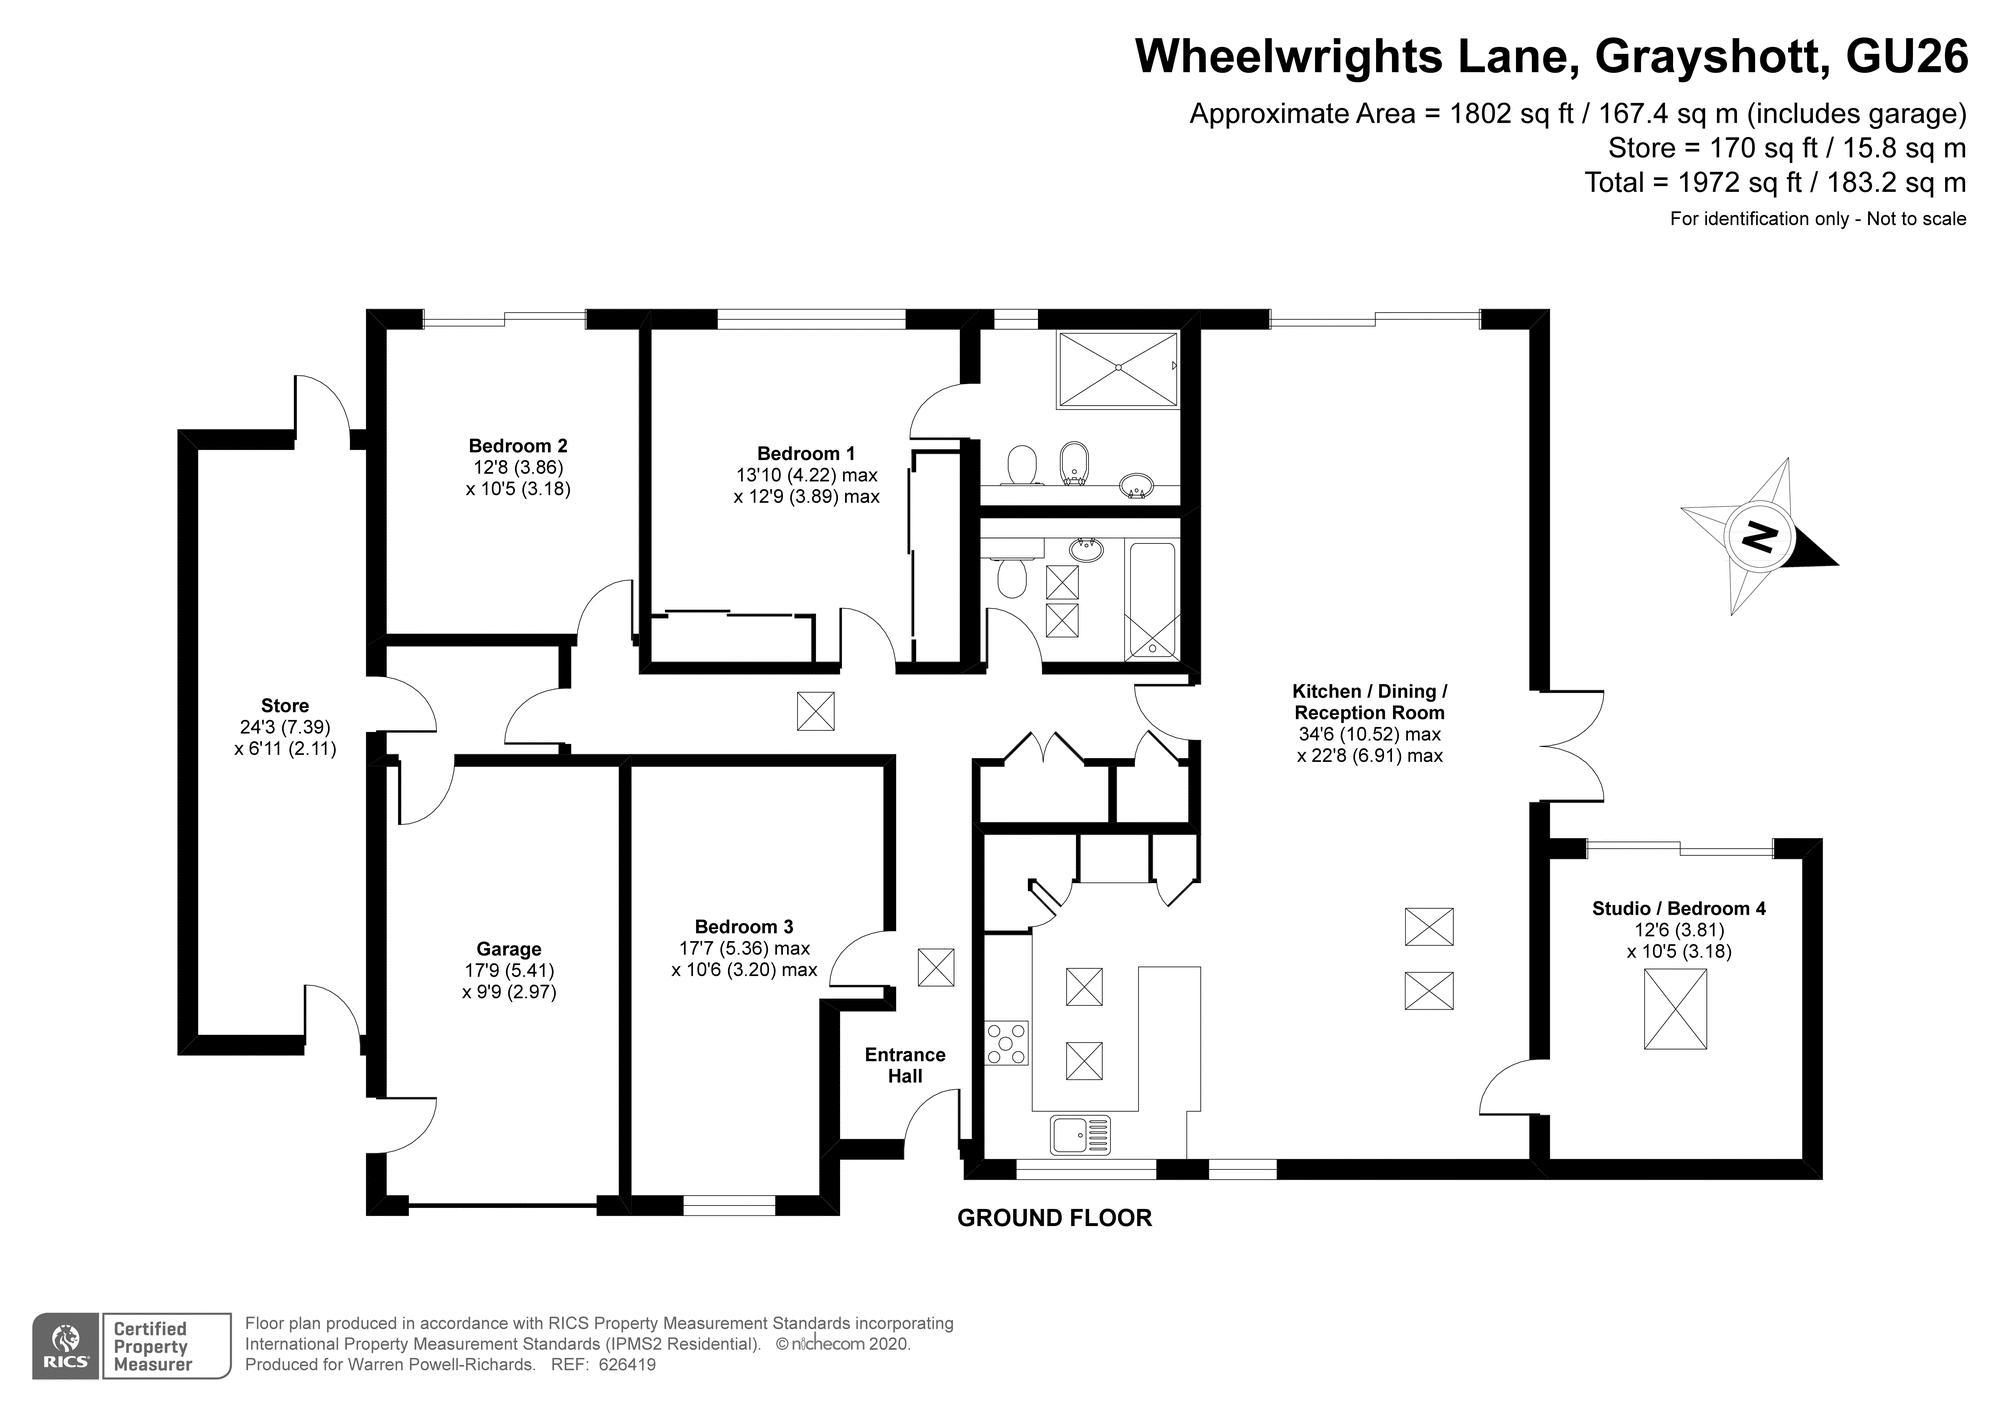 Wheelwrights Lane Grayshott